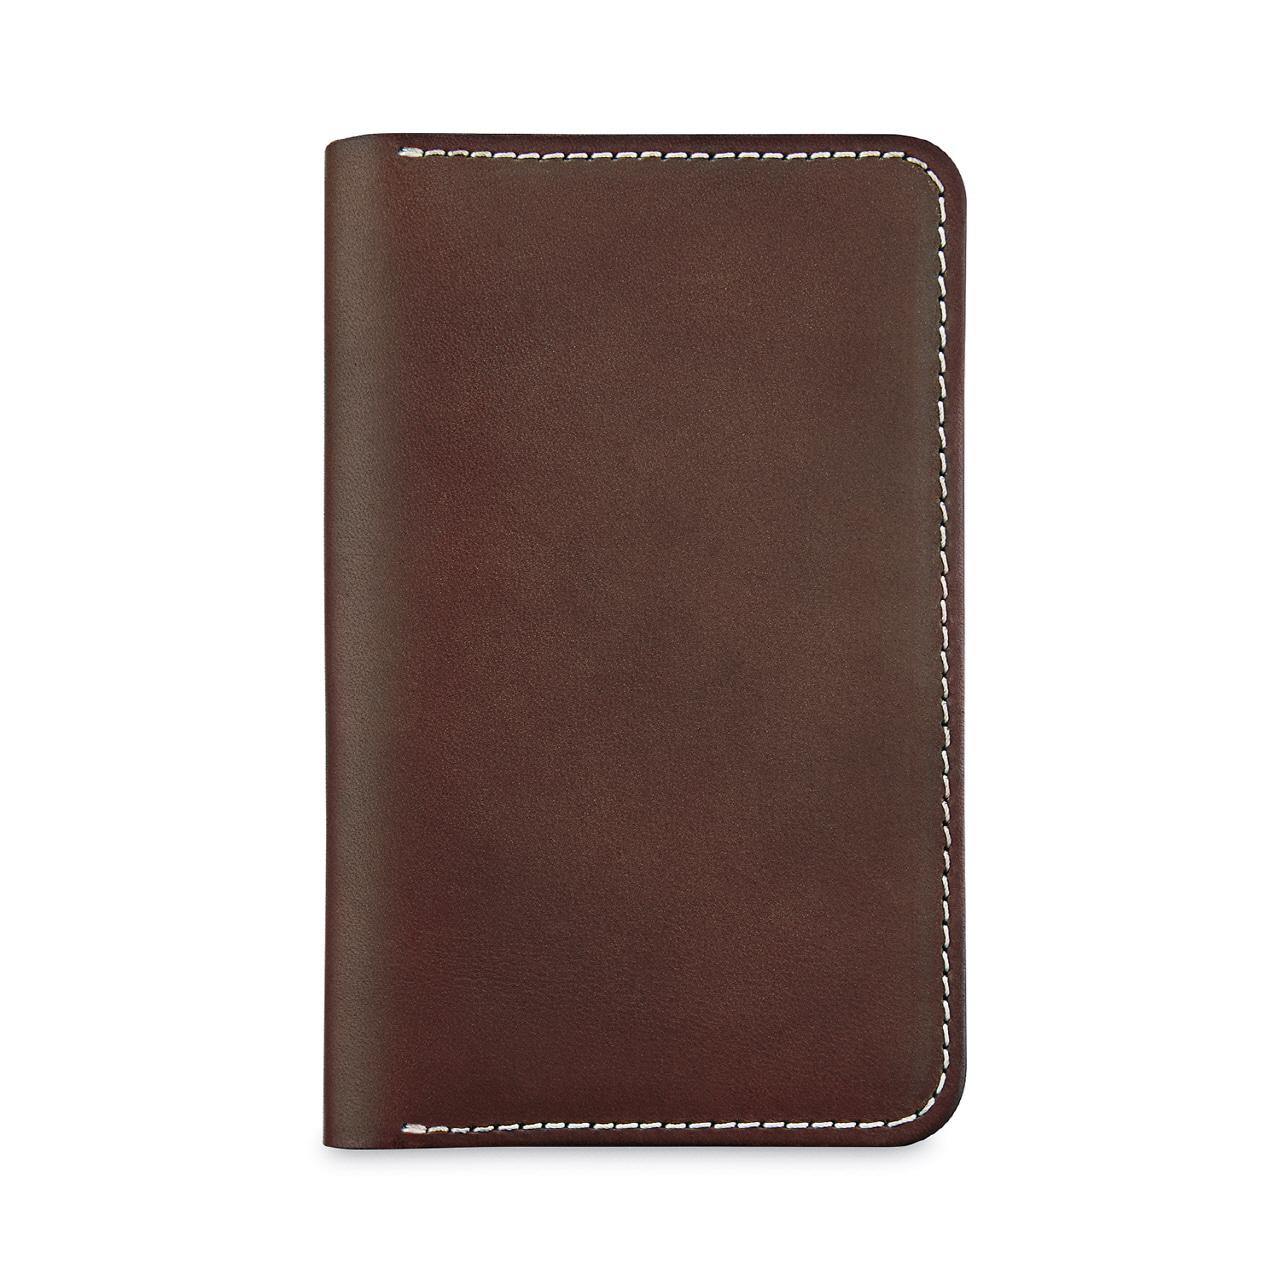 패스포트 지갑 95036 - 앰버 프론티어